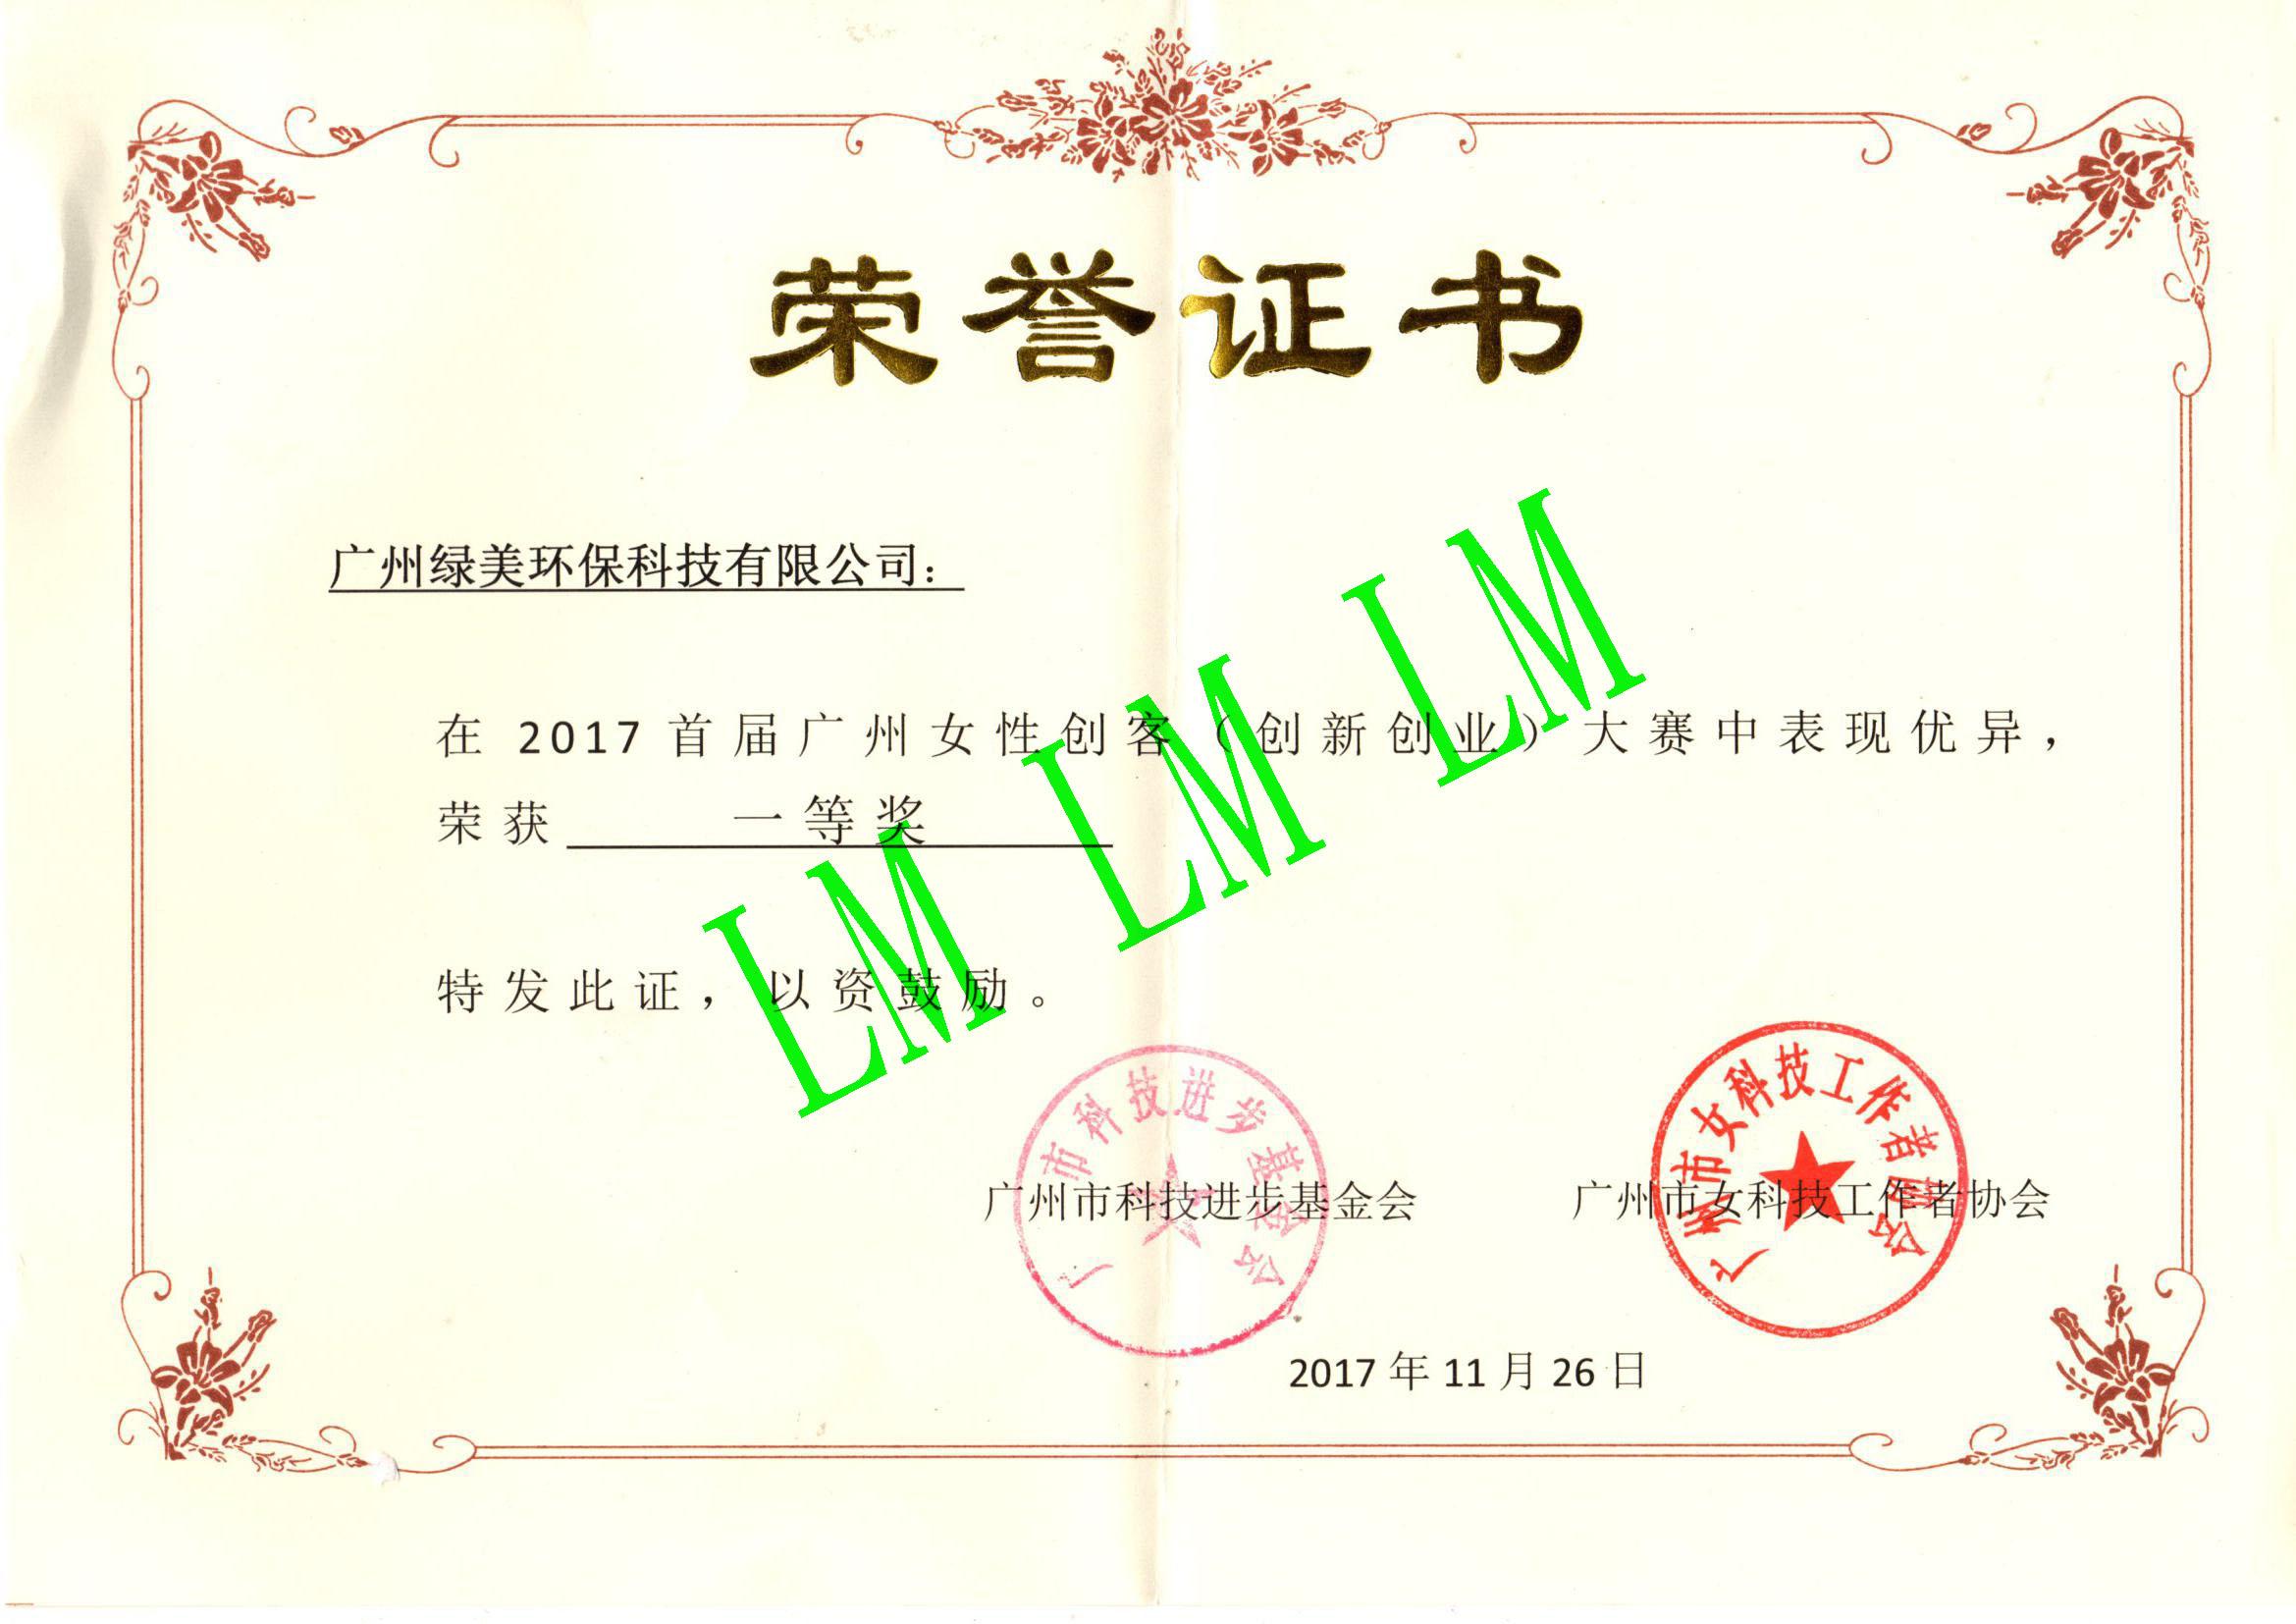 我司荣获广州首届女性创新创业大赛一等奖